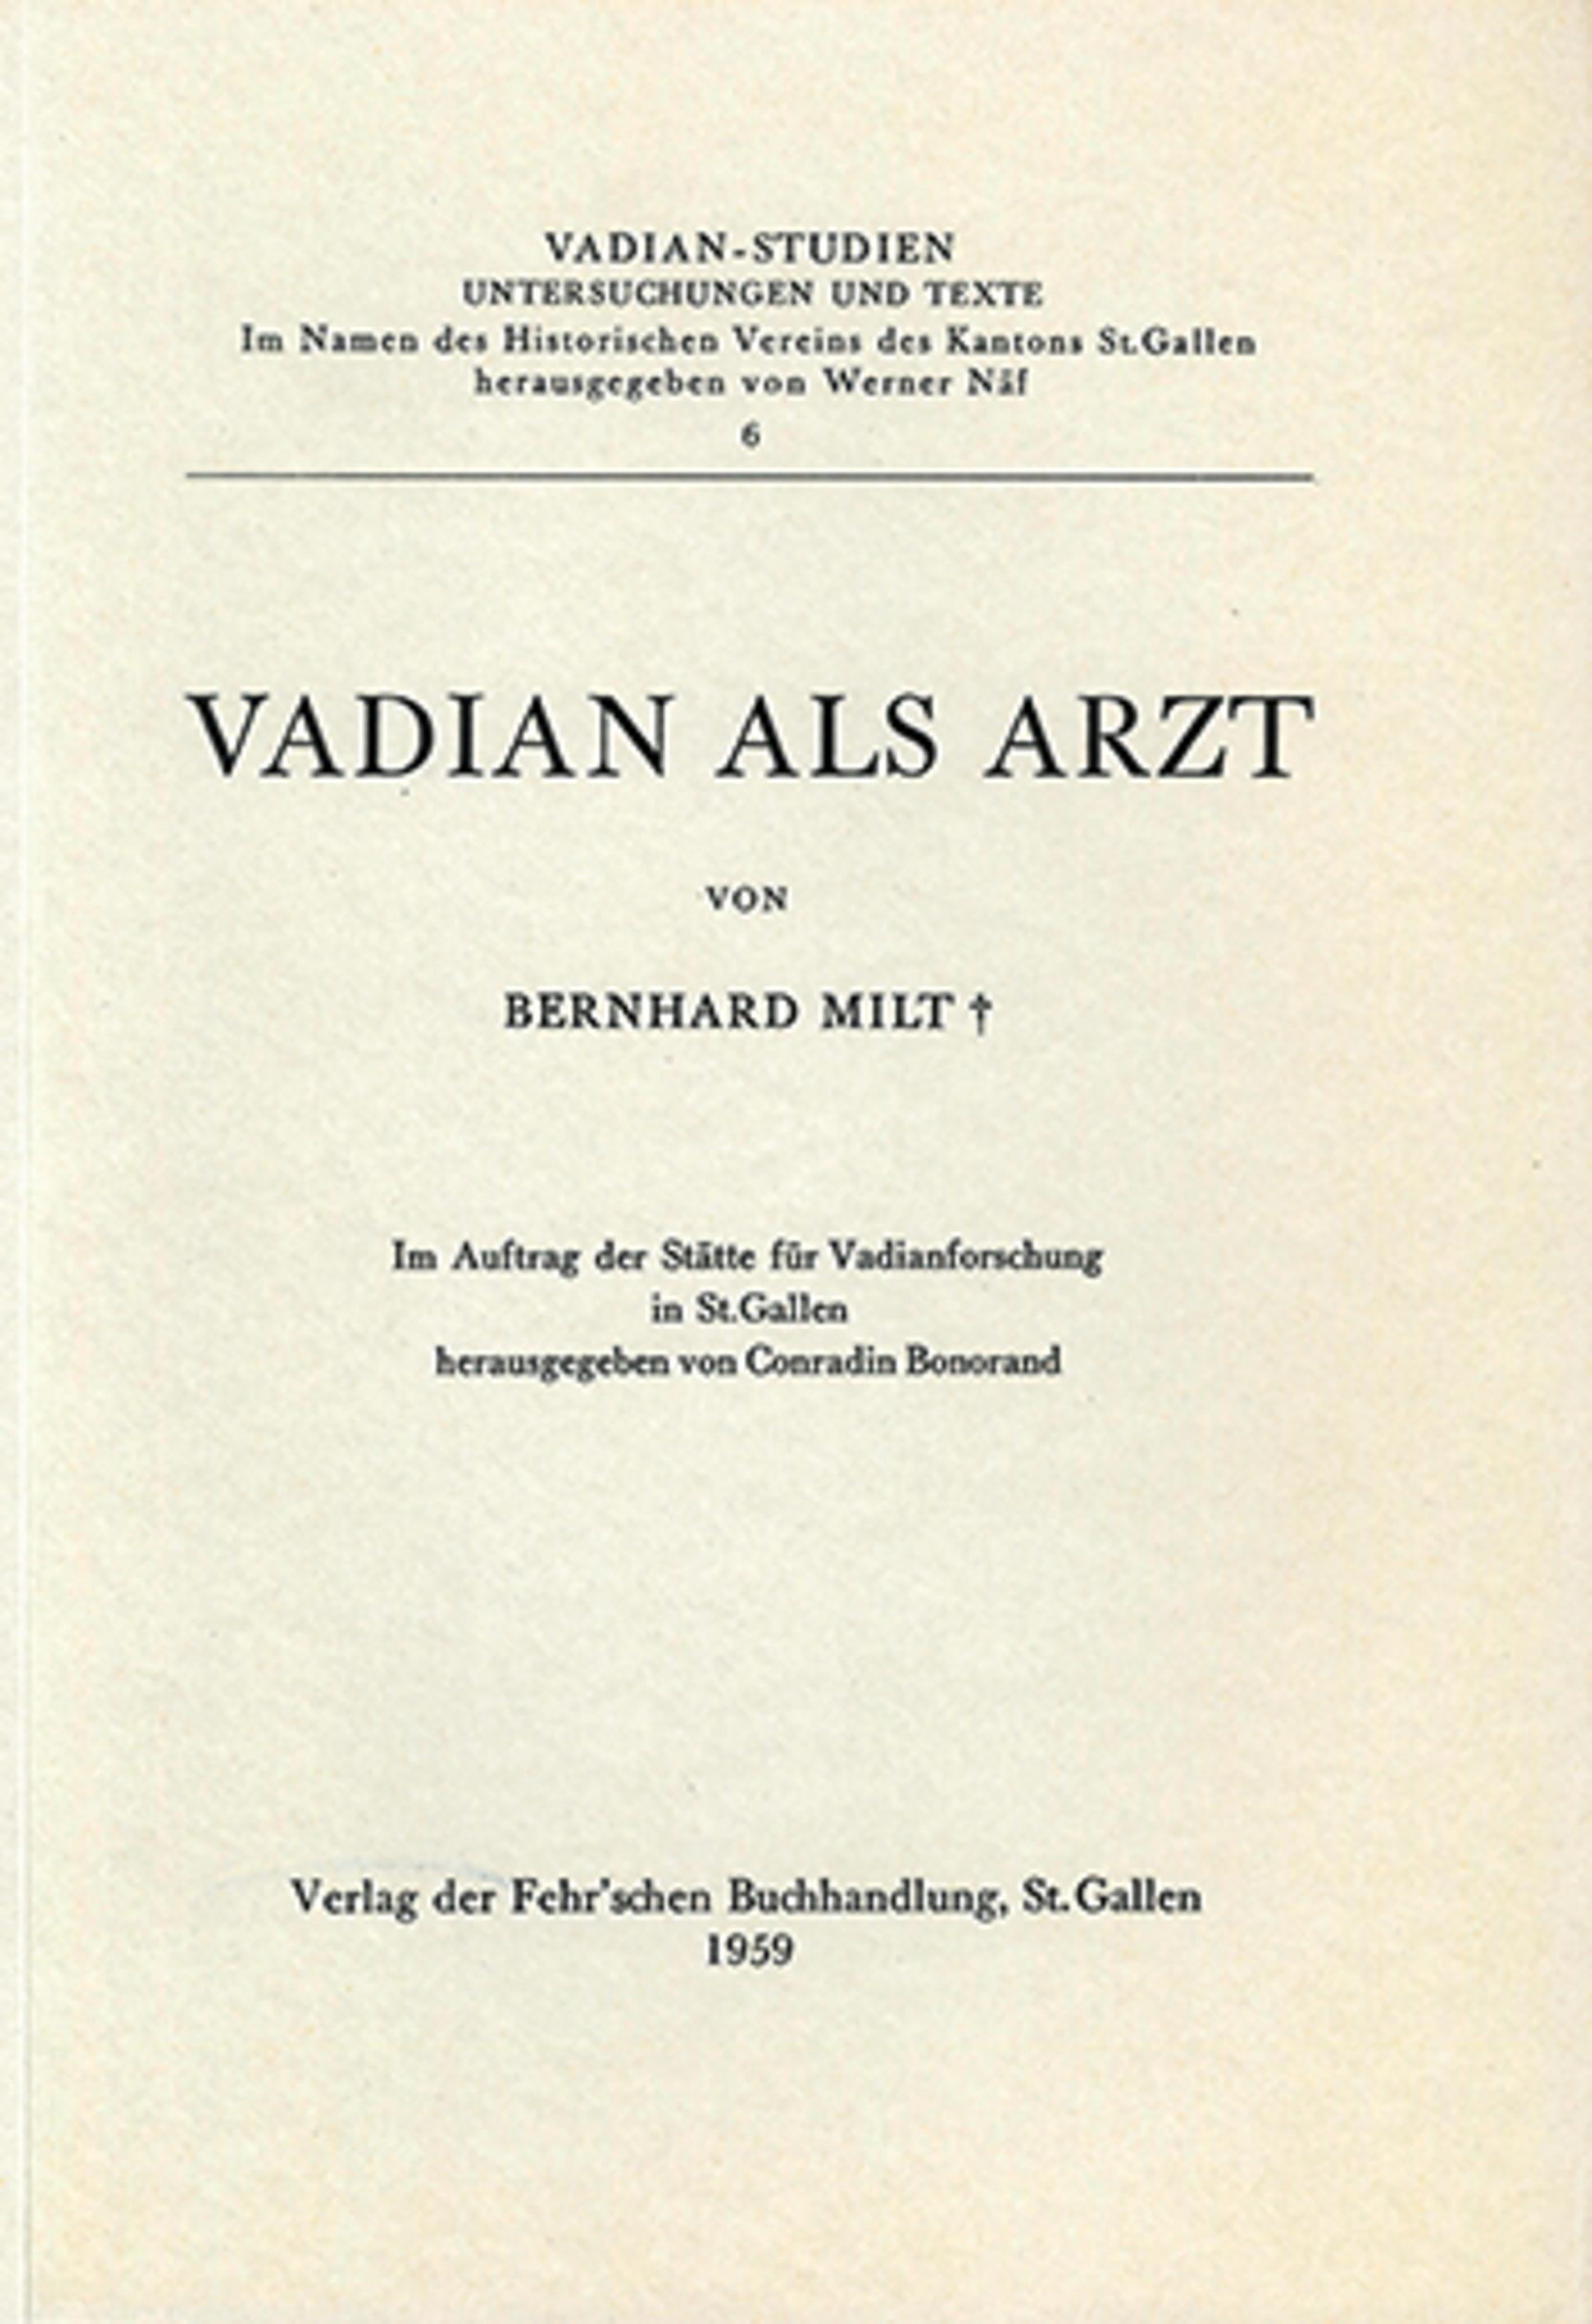 Vadian als Arzt <p><p>von Bernhard Milt +